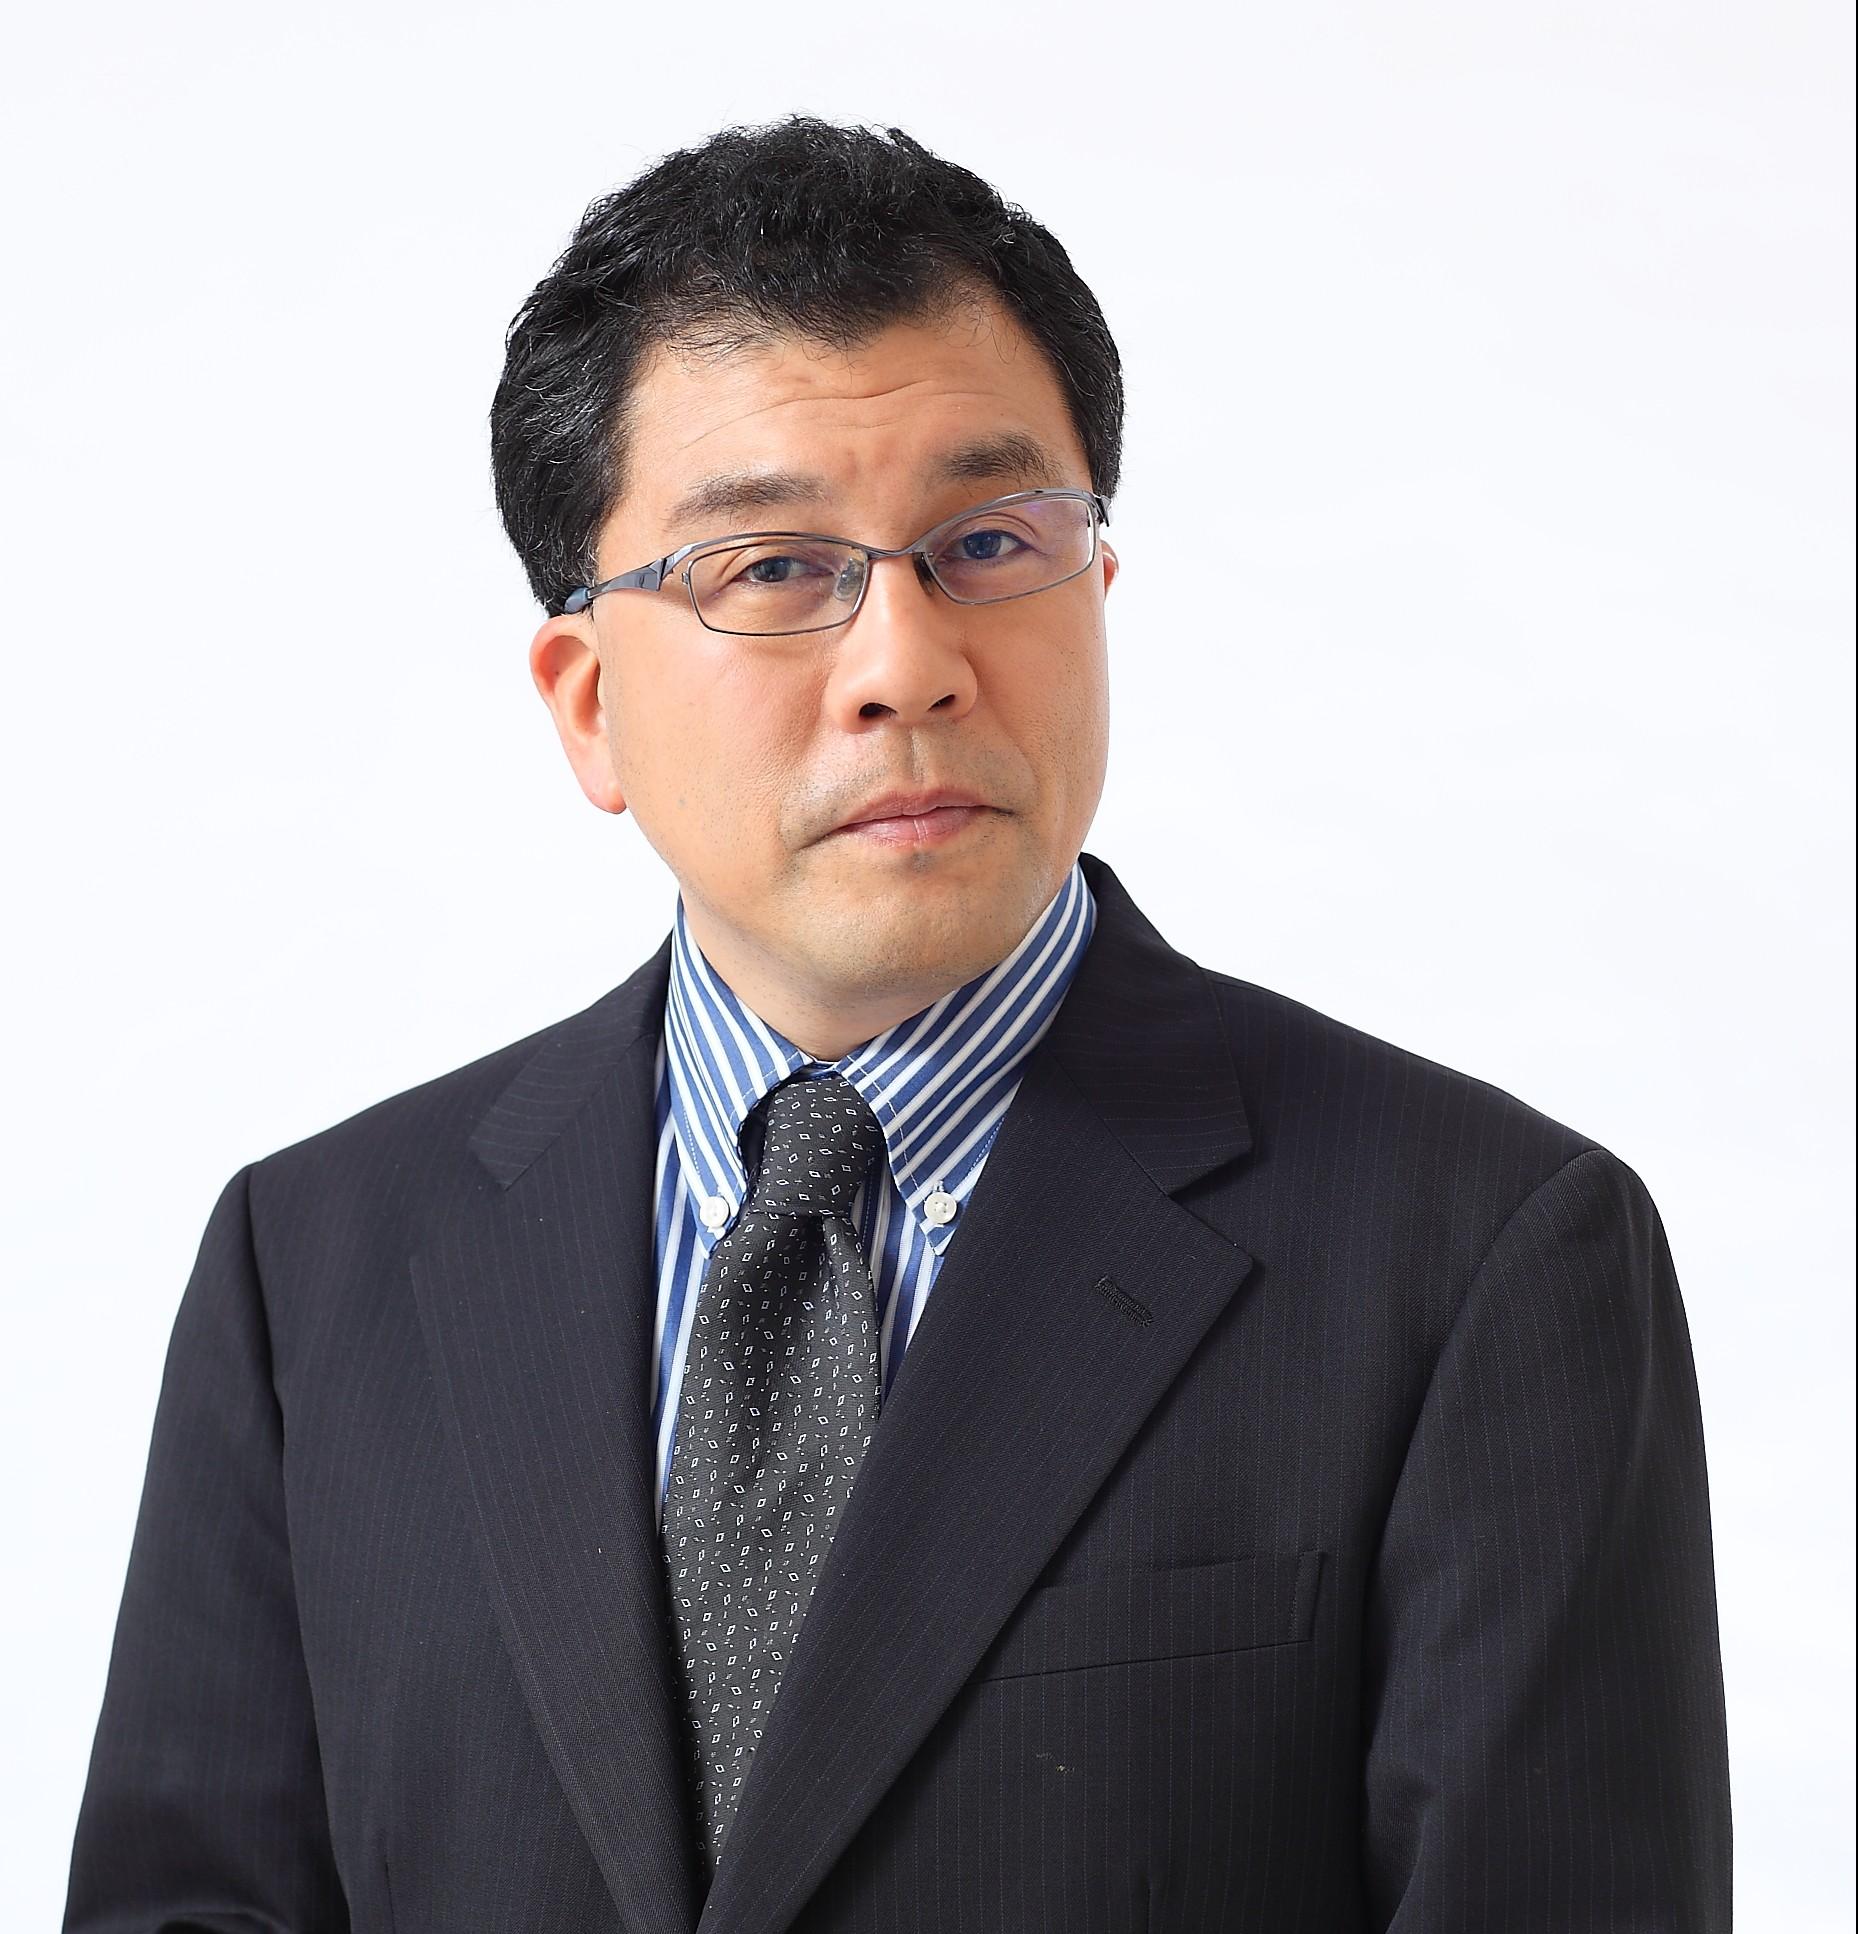 kawai-takashi-e1463638276125